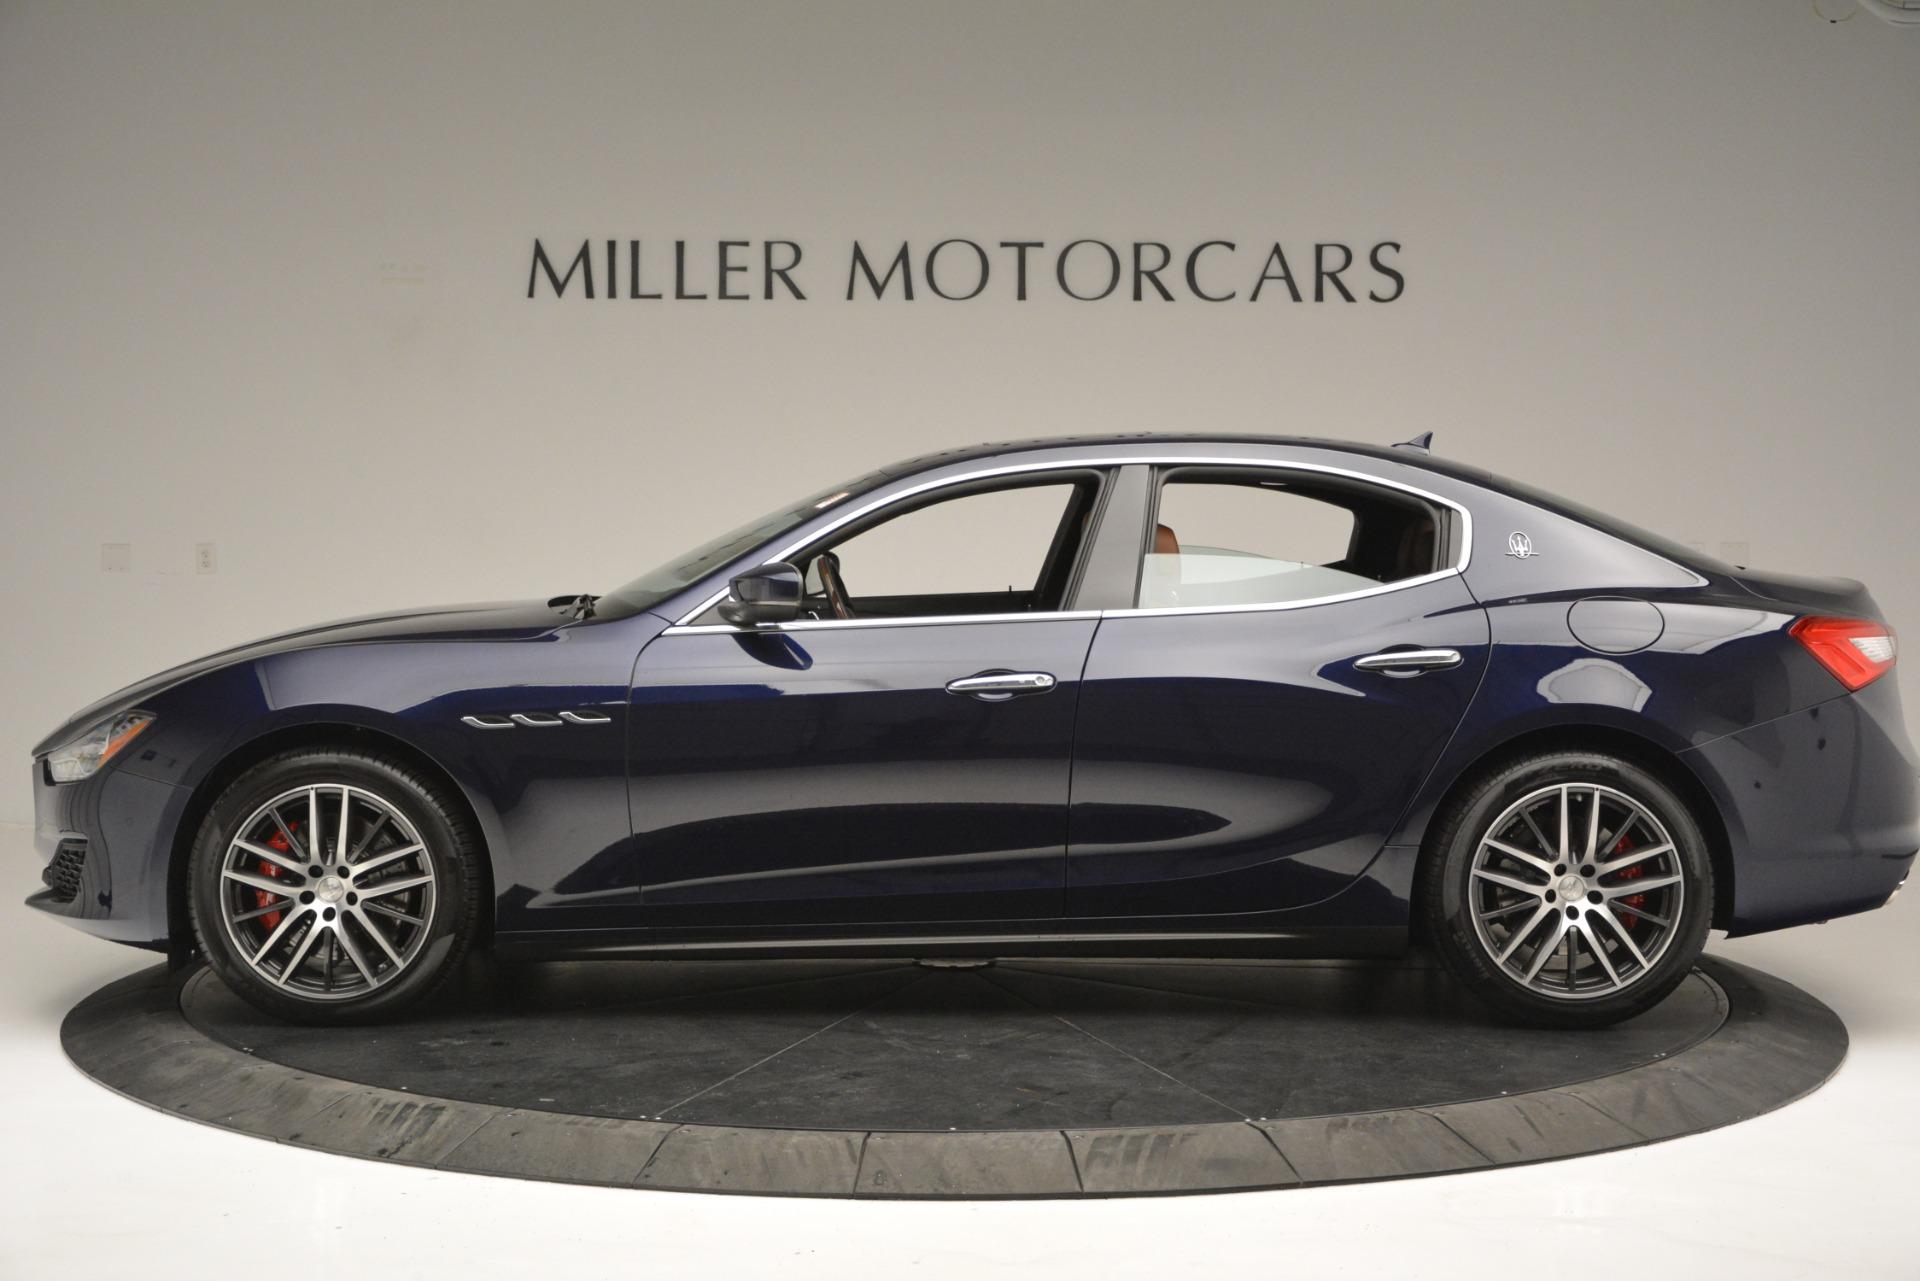 New 2019 Maserati Ghibli S Q4 For Sale In Greenwich, CT 2612_p3